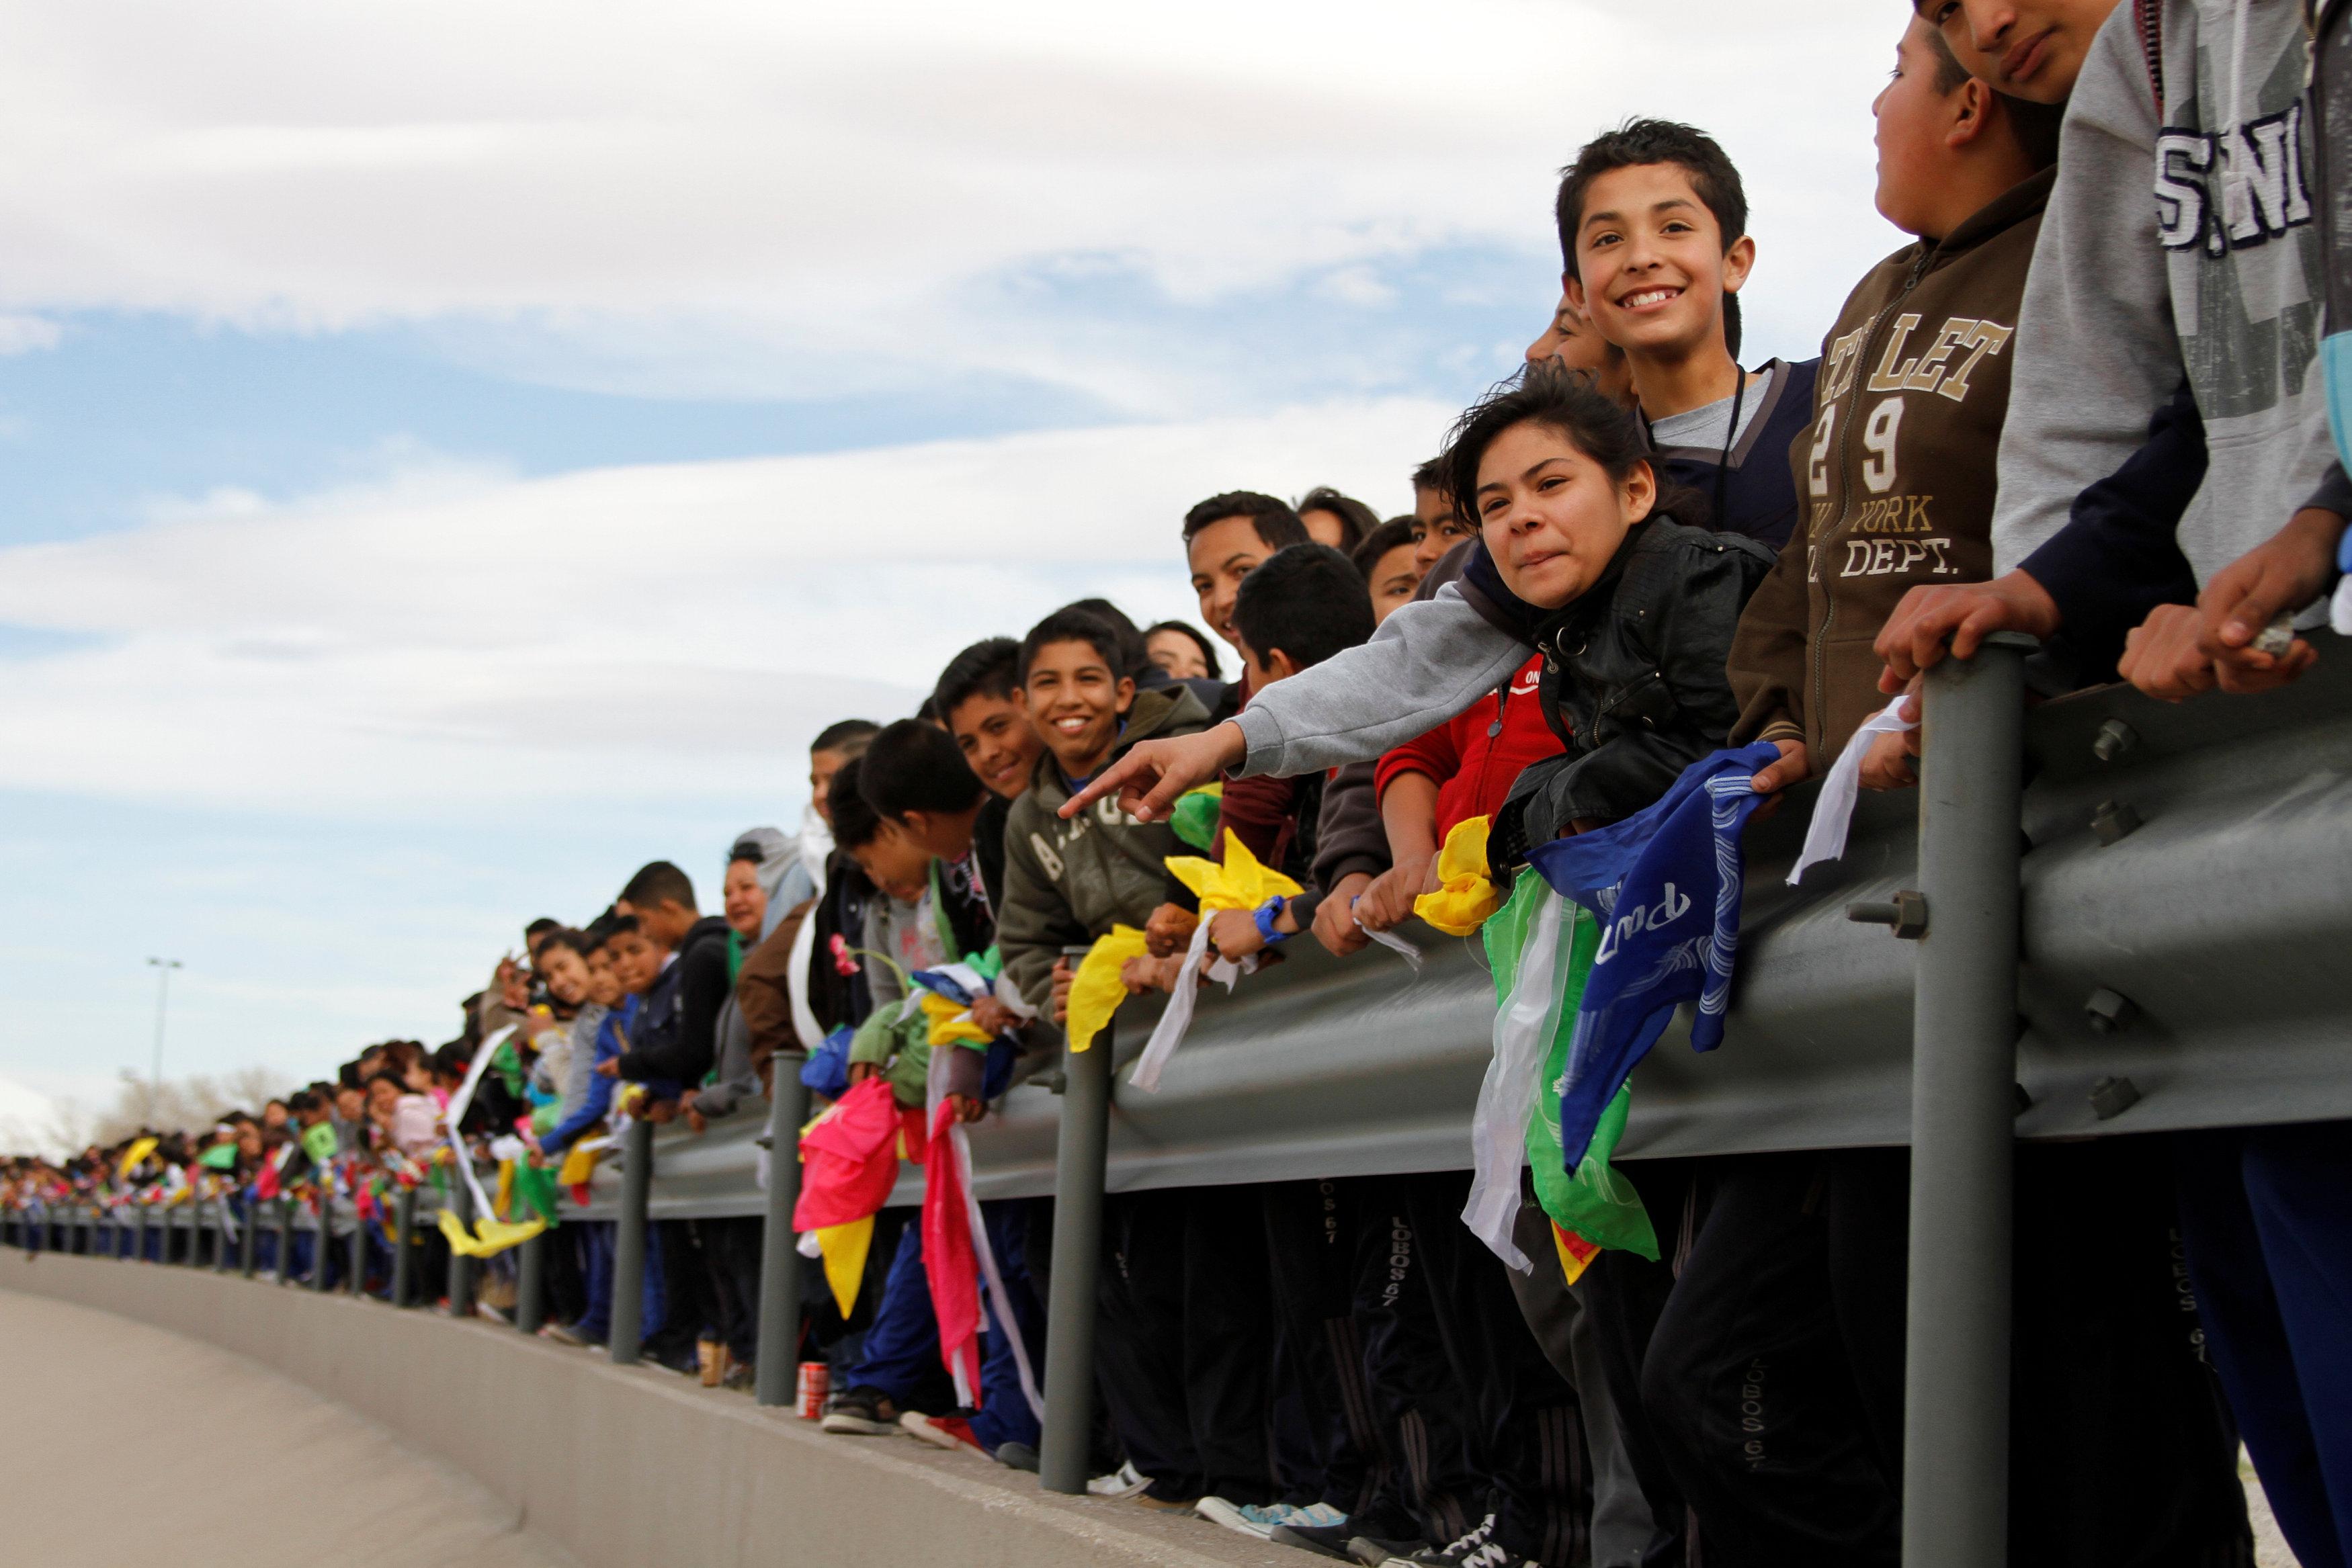 جدار بشرى على حدود المكسيك مع الولايات المتحدة تنديدا بترامب